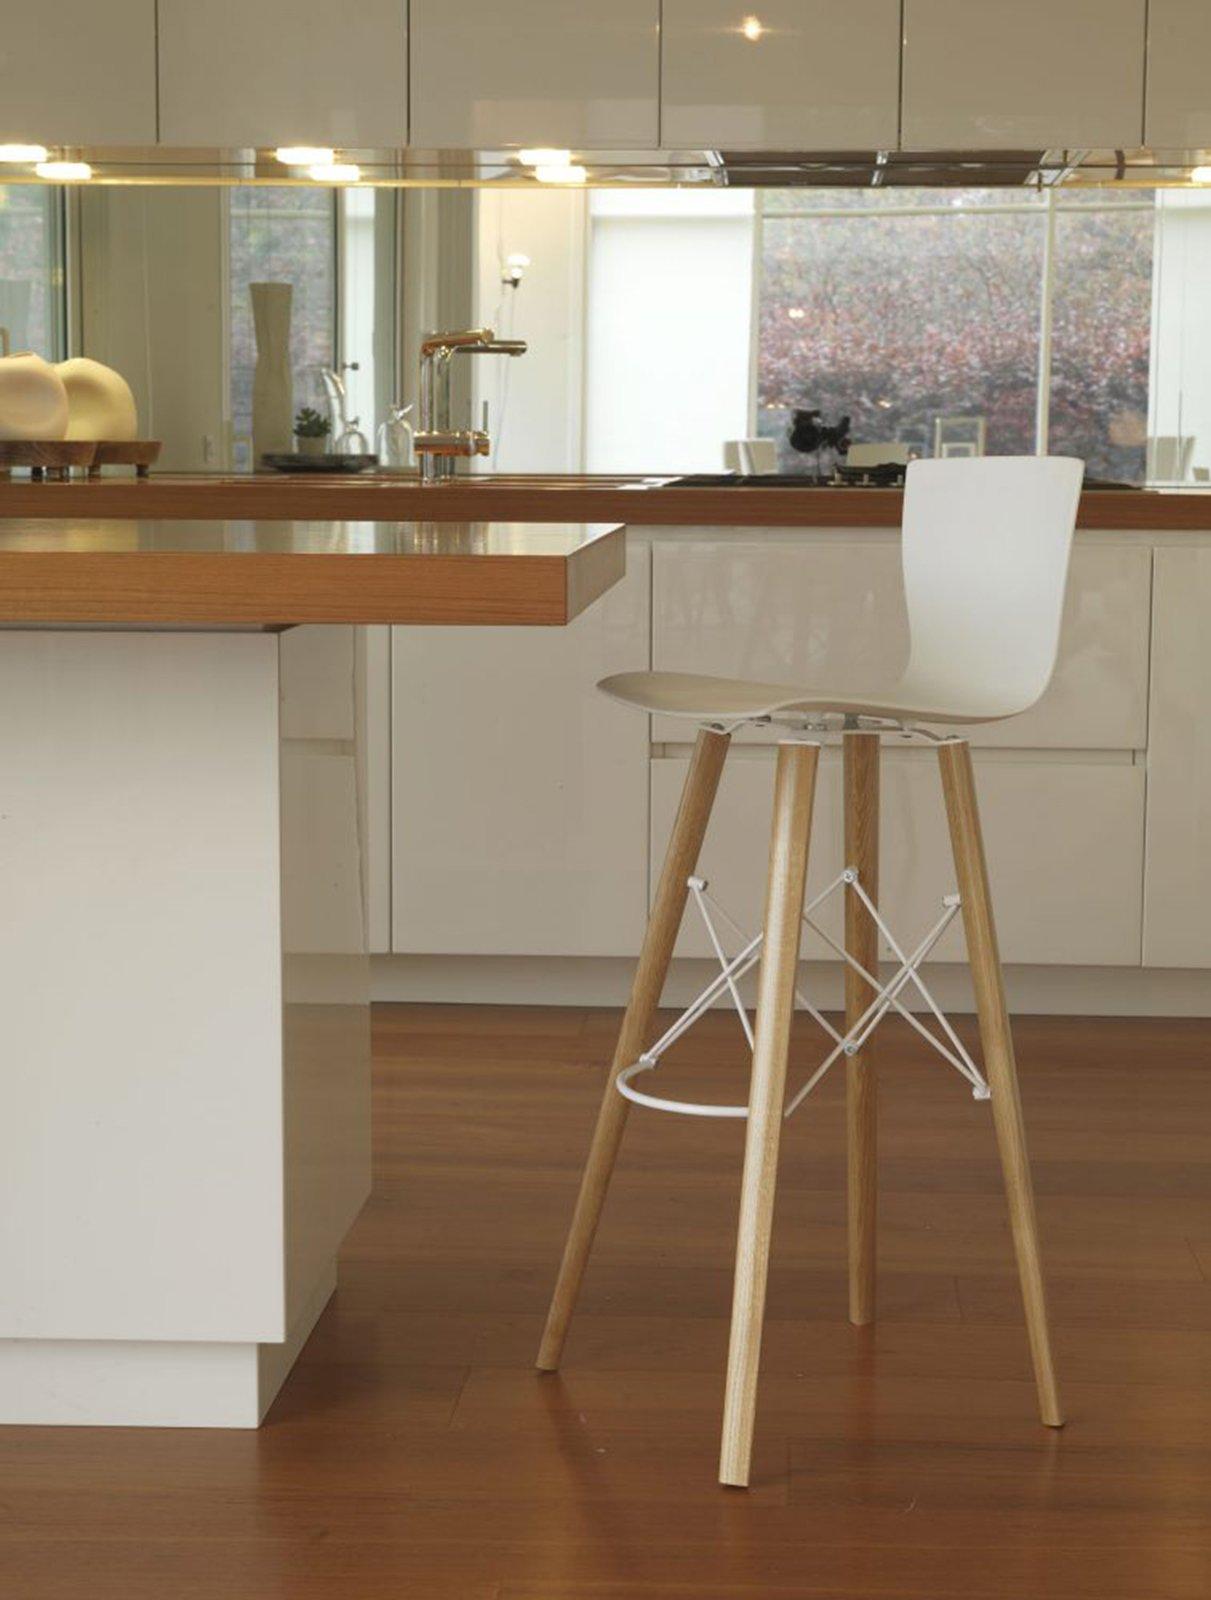 Sgabelli scegli il tuo stile cose di casa - Sgabelli da cucina ...